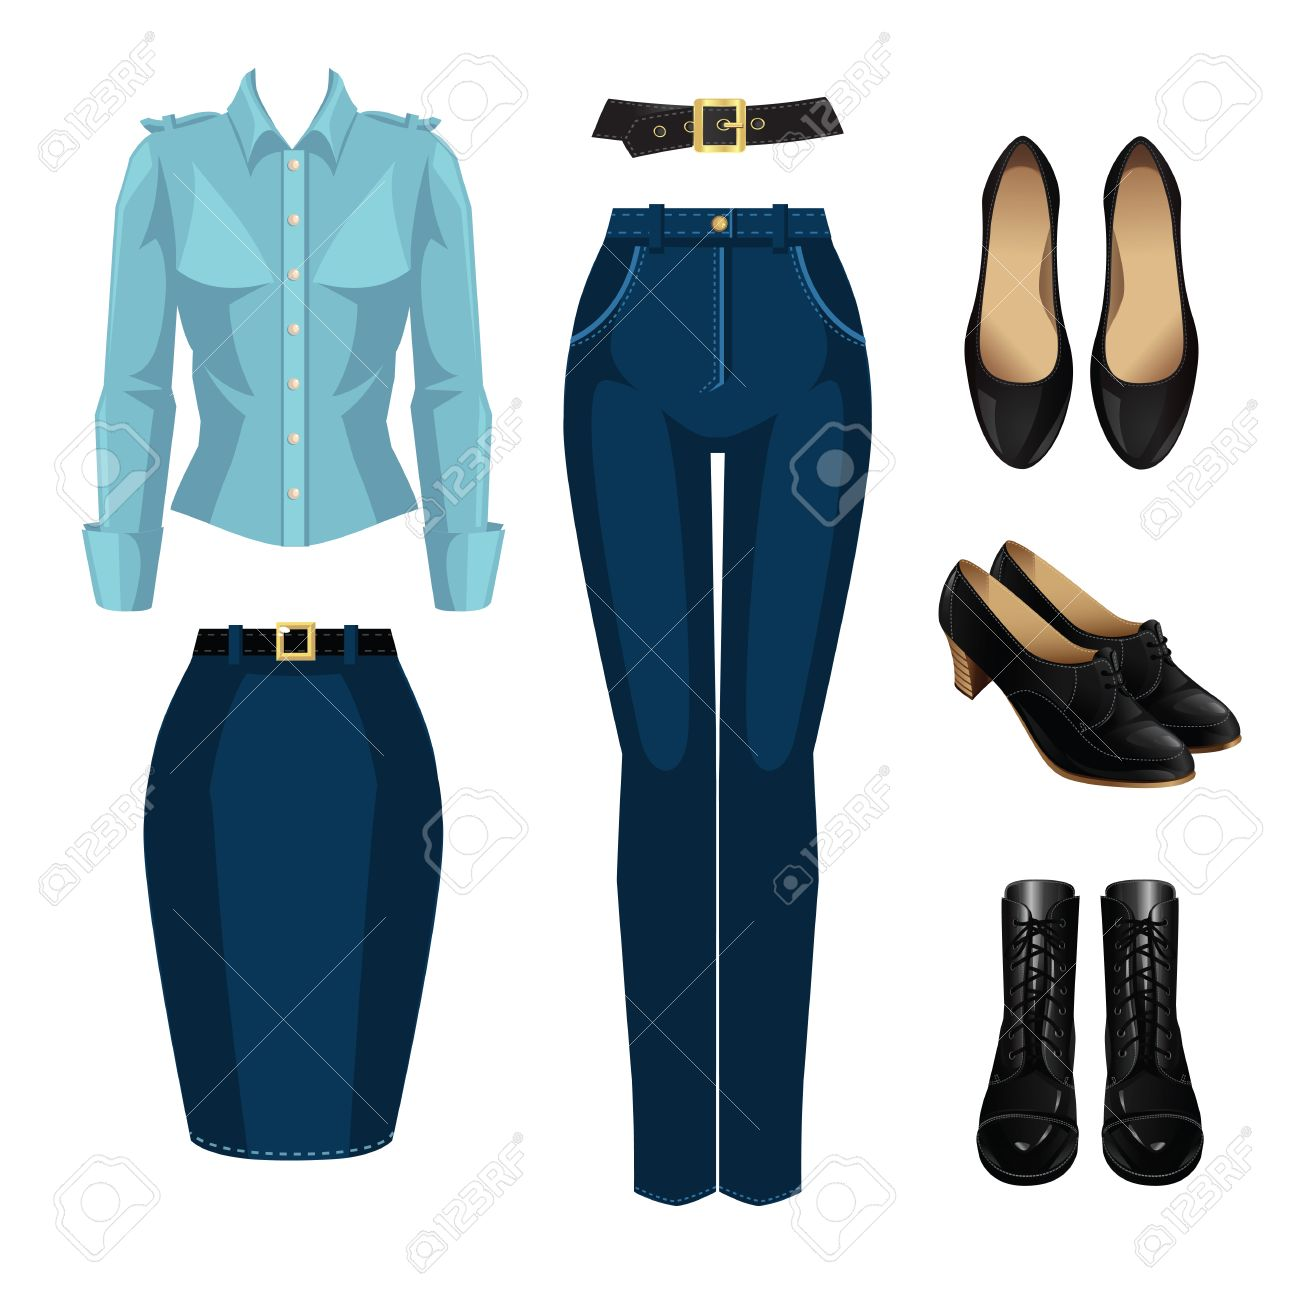 Ilustracion Del Vector De Vestuario Formal Para Mujer Pantalones Formales Azul Falda Camisa Zapatos Clasicos Negros Y Botas Negras Con El Cordon Aislado En El Fondo Blanco Ilustraciones Vectoriales Clip Art Vectorizado